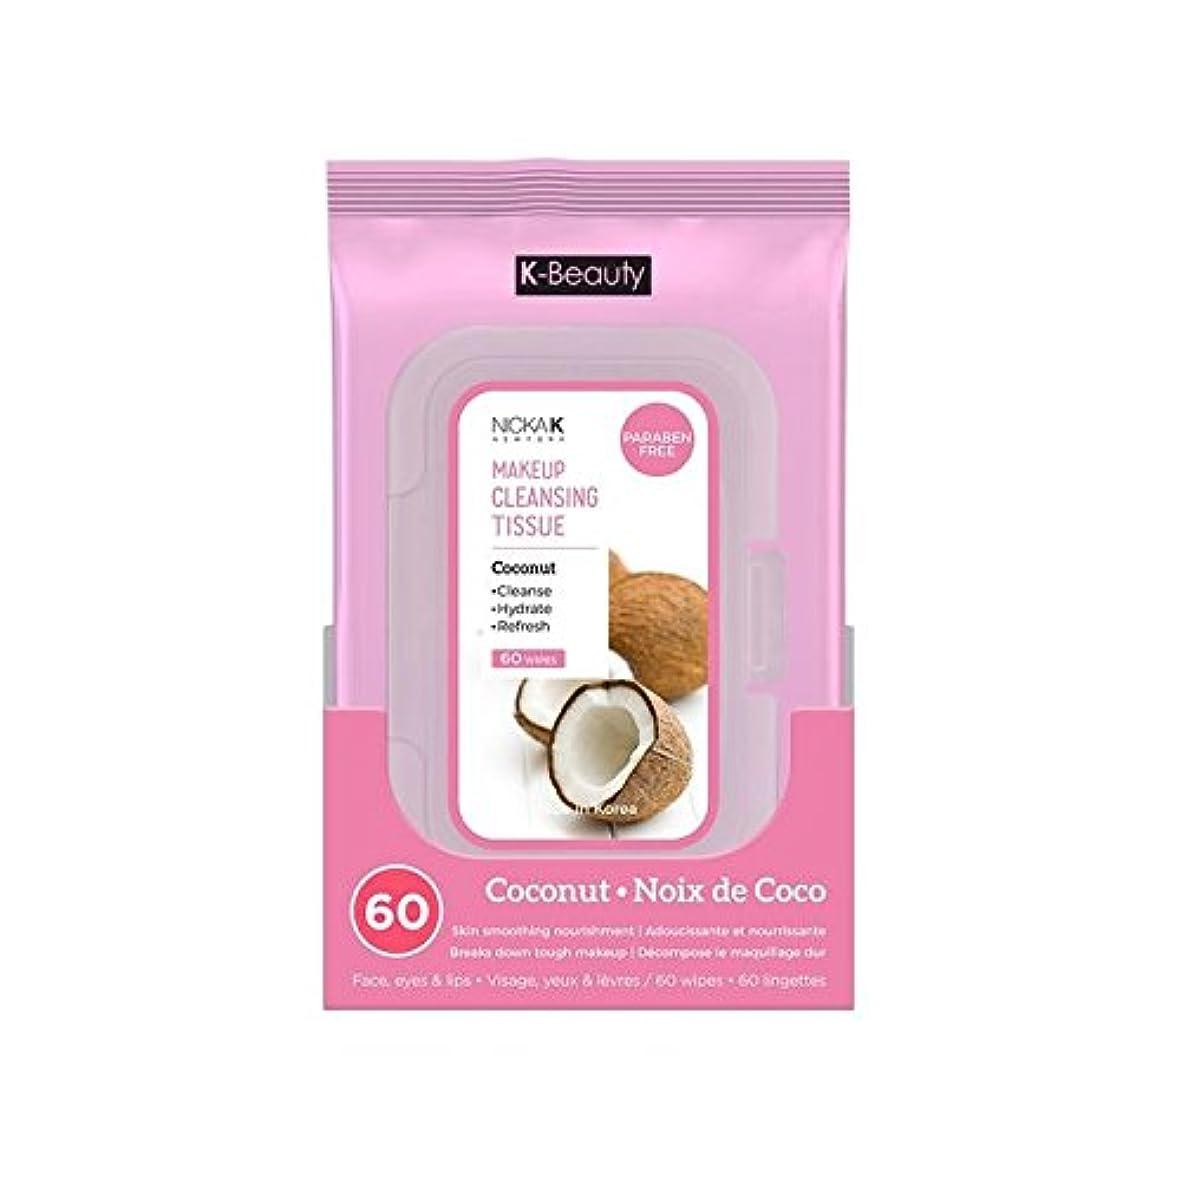 賢明なパノラマ困った(3 Pack) NICKA K Make Up Cleansing Tissue - Coconut (並行輸入品)